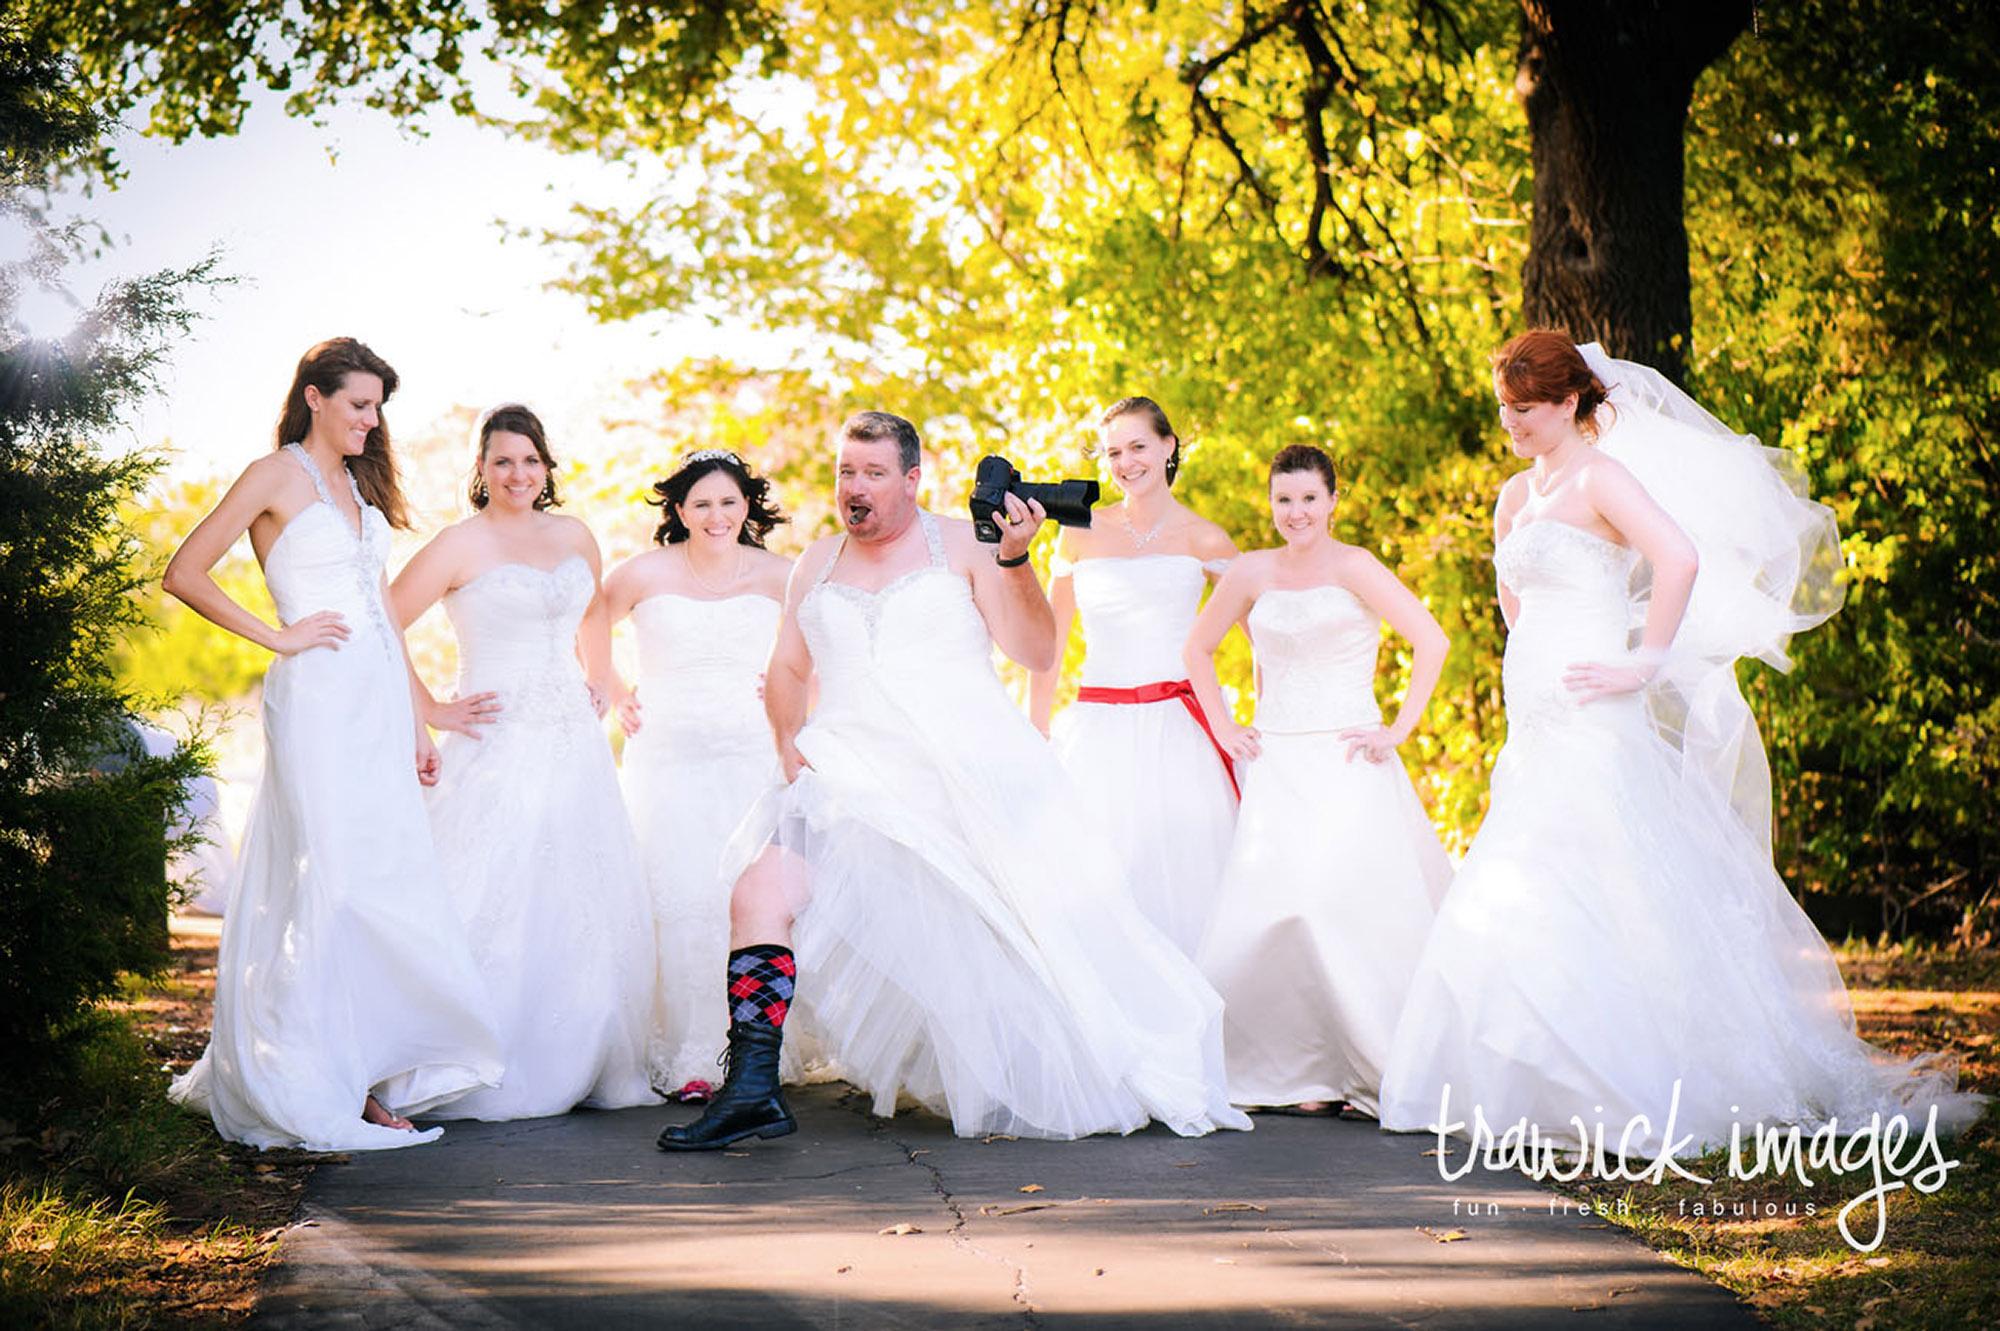 Bridal-Picnic-Oct-2012-015.jpg